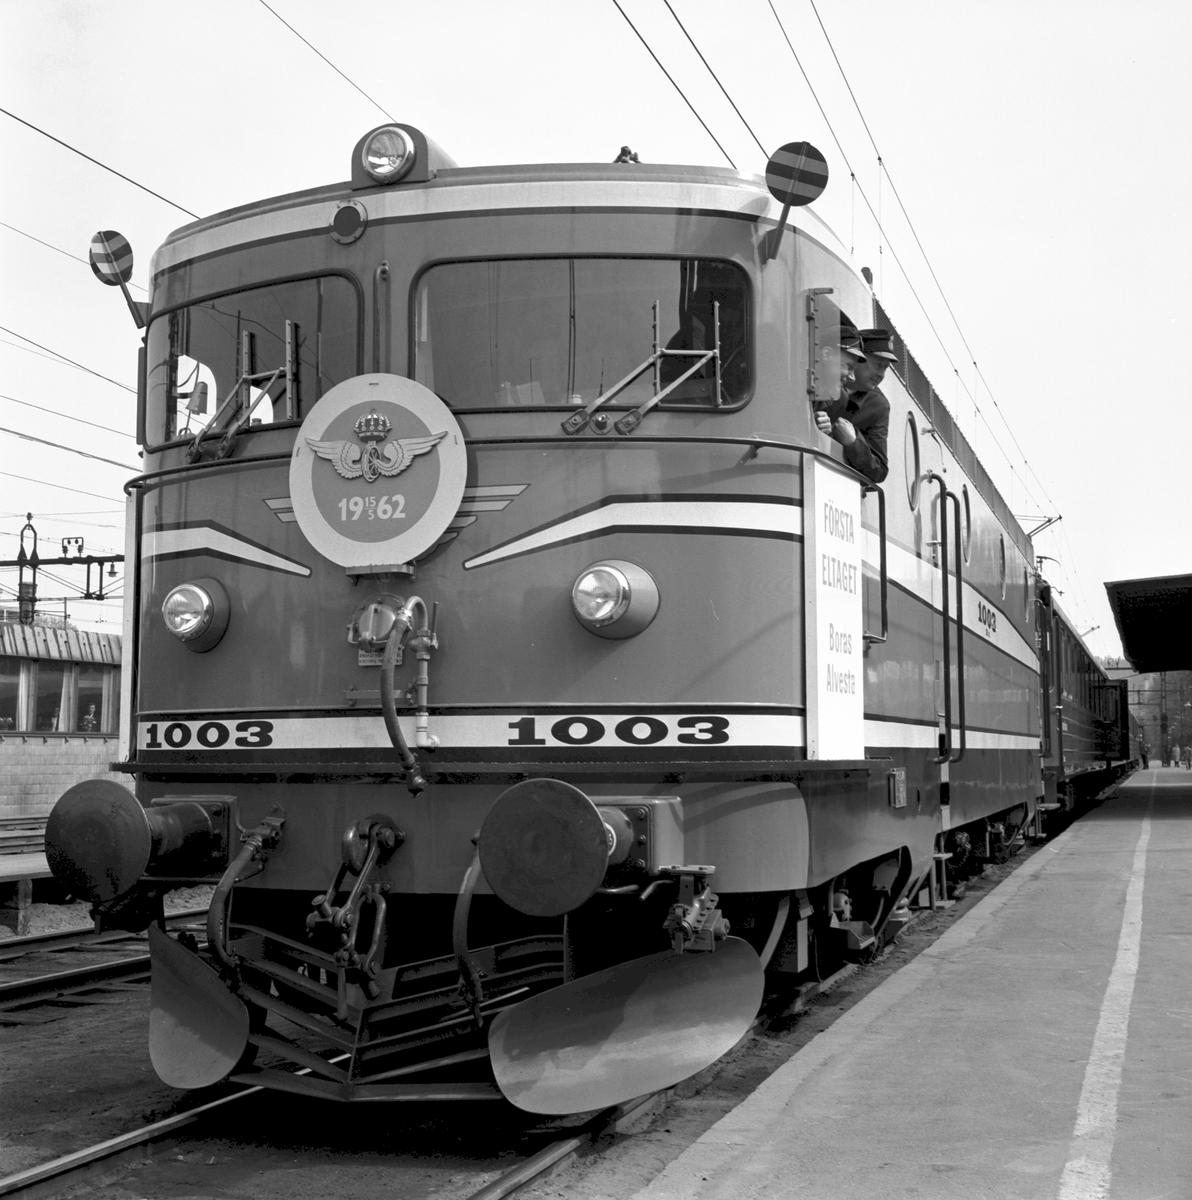 Borås Centralstation. Elektrifiering av sträckan Borås-Alvesta. Första eltåget, SJ Rb2 1003.